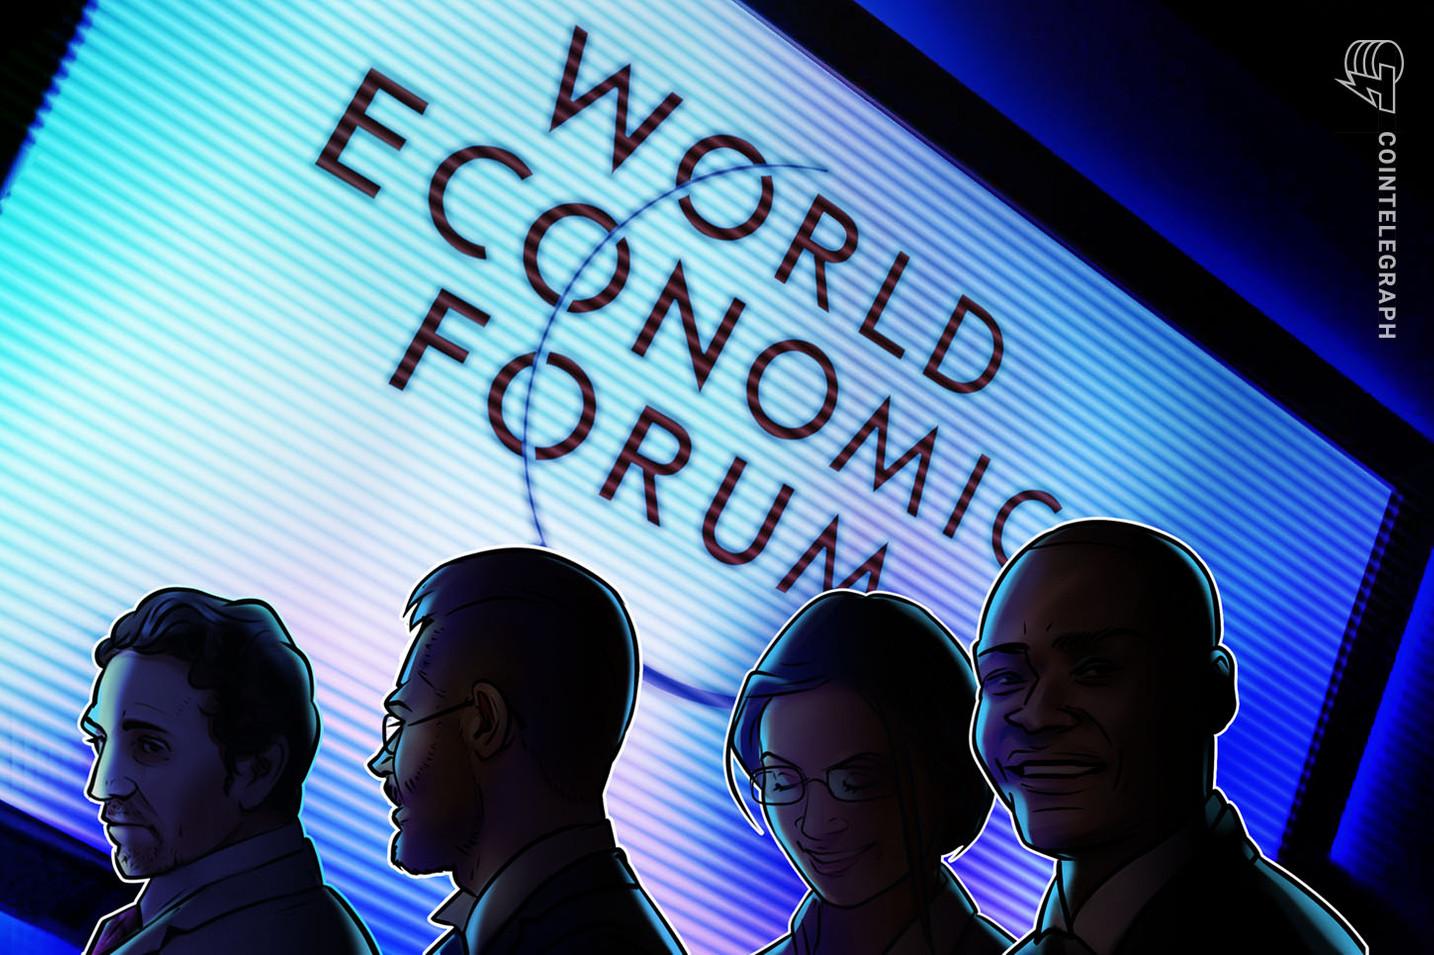 チェインリンクやメーカーダオなど仮想通貨・ブロックチェーン企業6社、世界経済フォーラム「テクノロジーパイオニア」に選出